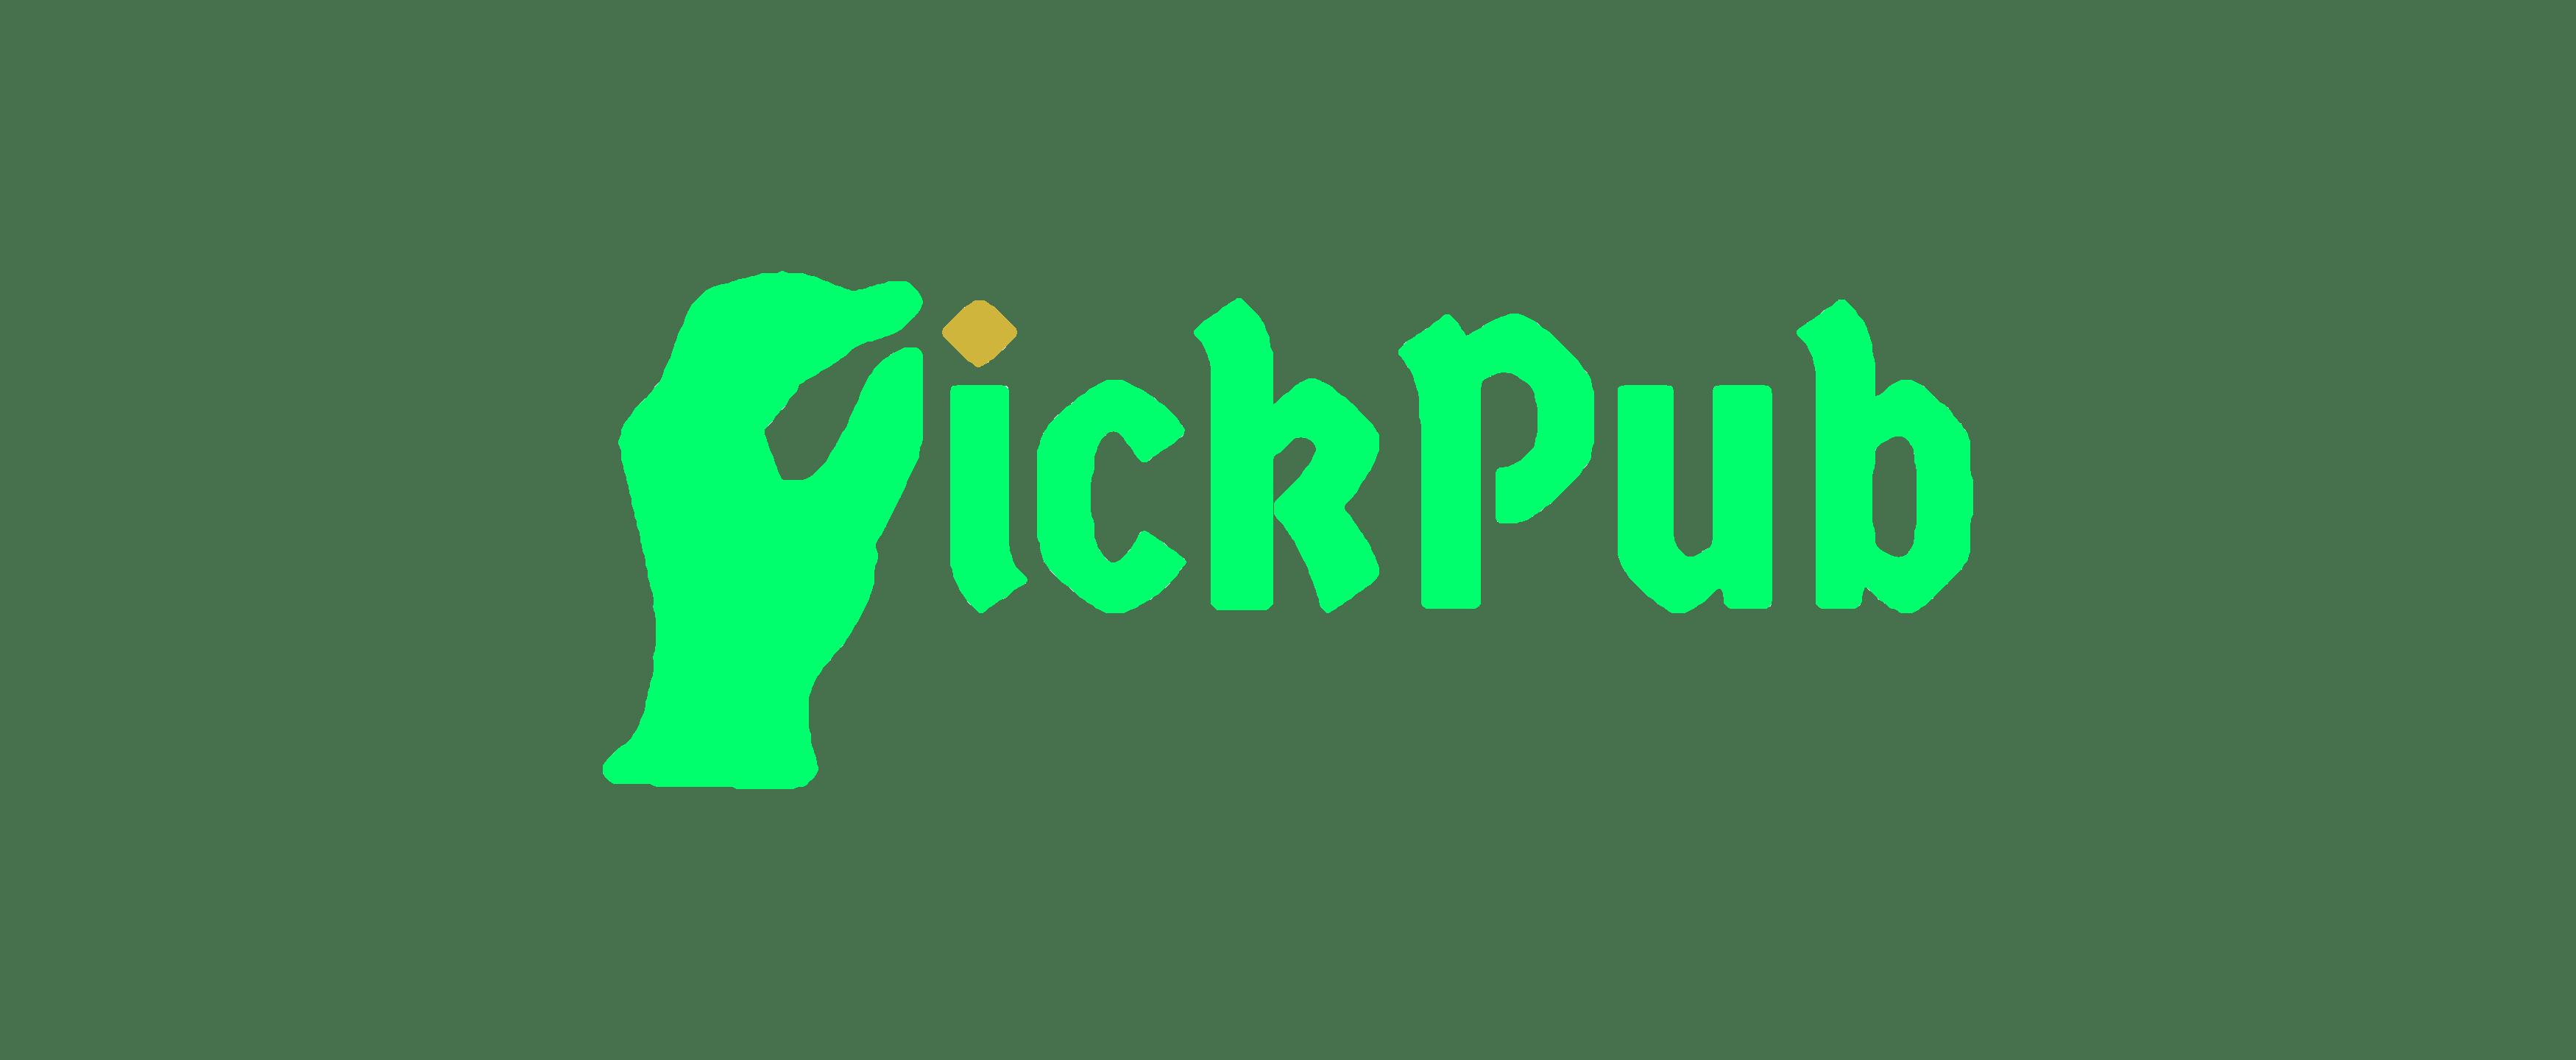 PickPub